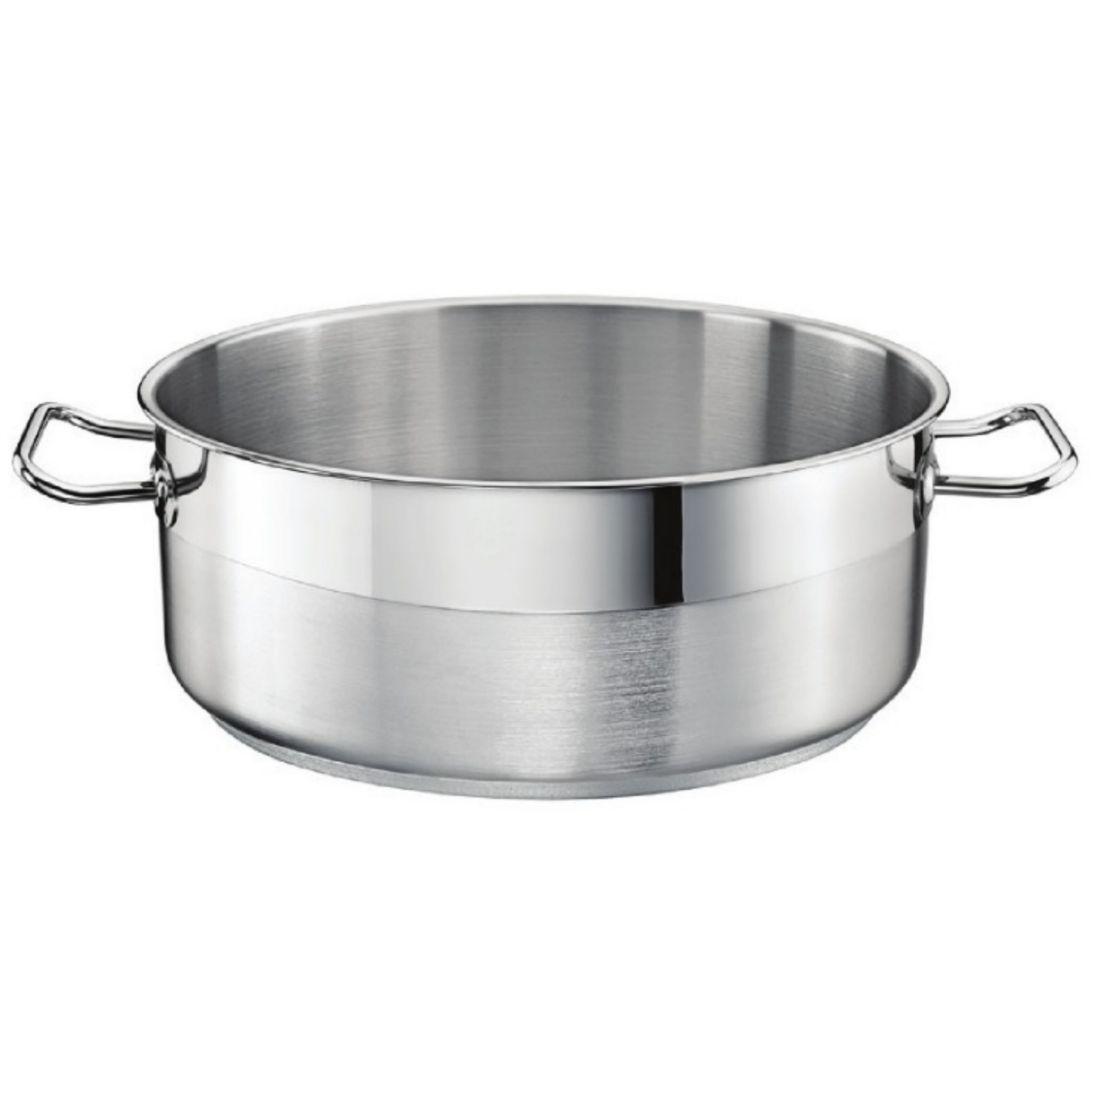 Hrnec nízký TOMGAST Silver 7,0 l